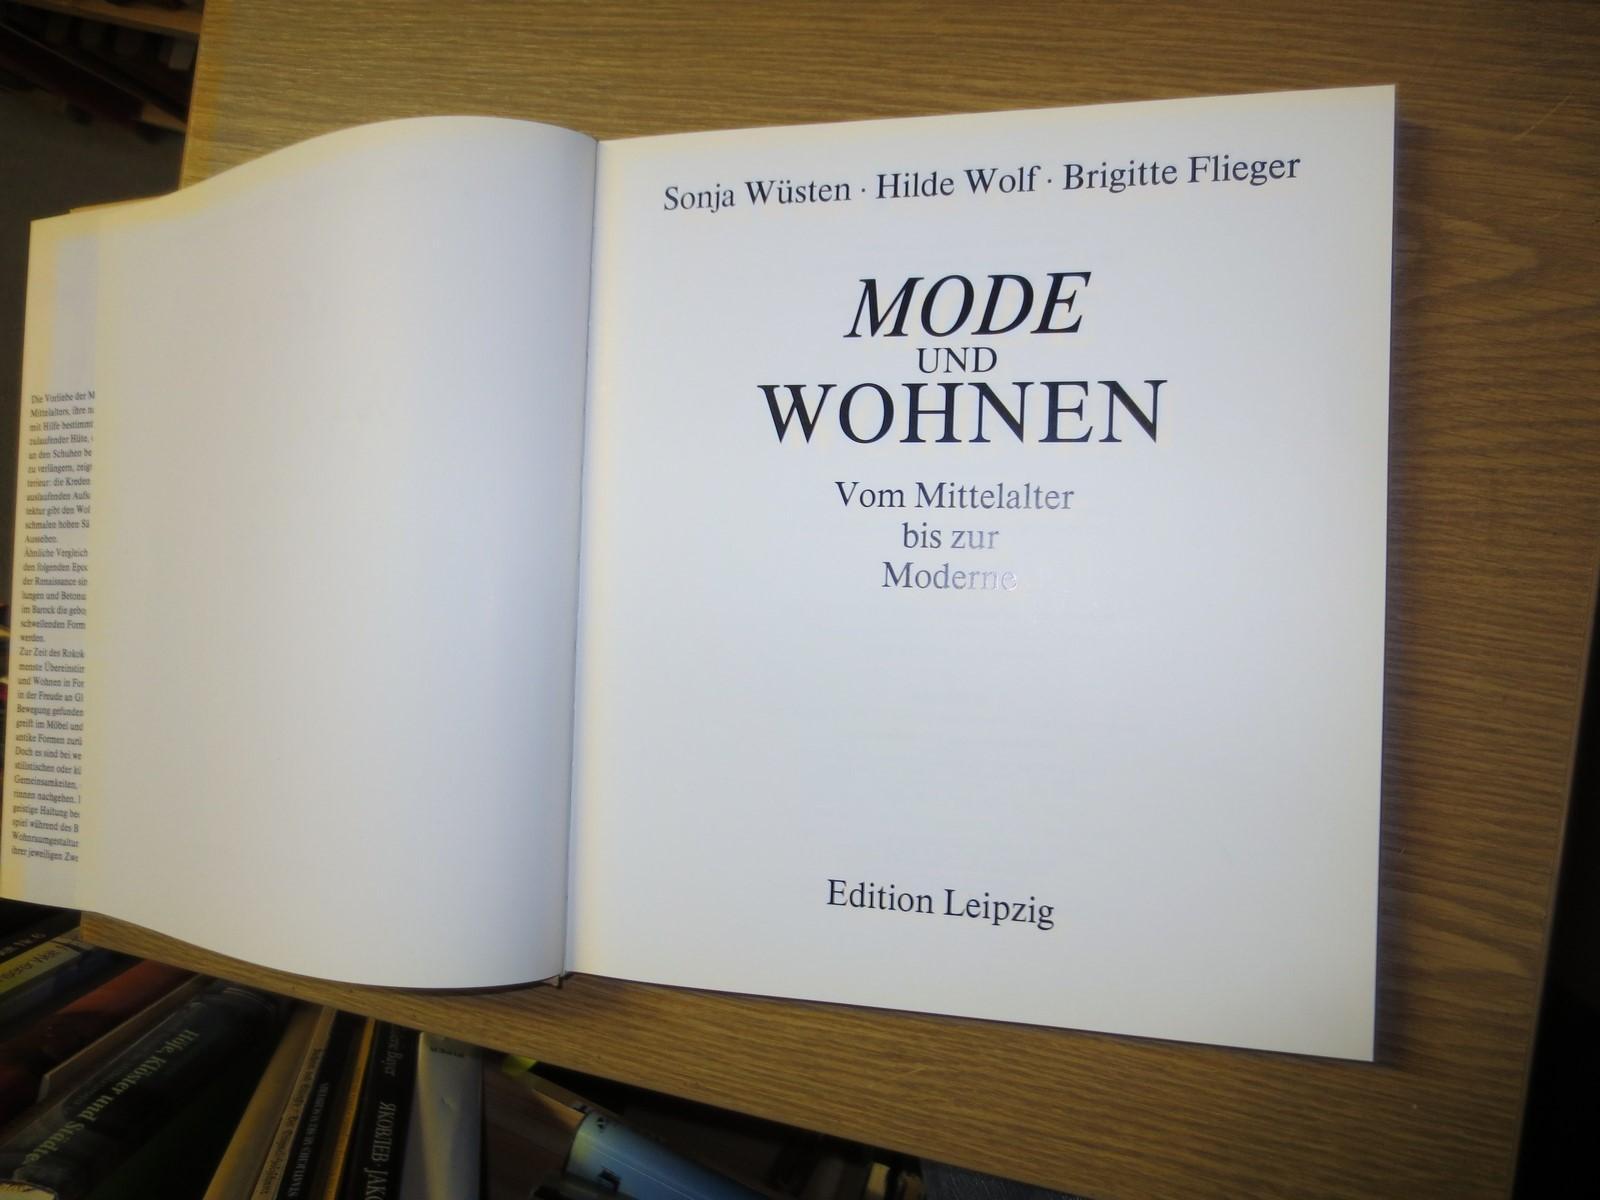 Mode Und Wohnen Vom Mittelalter Bis Zur Moderne Von Wüstensonja